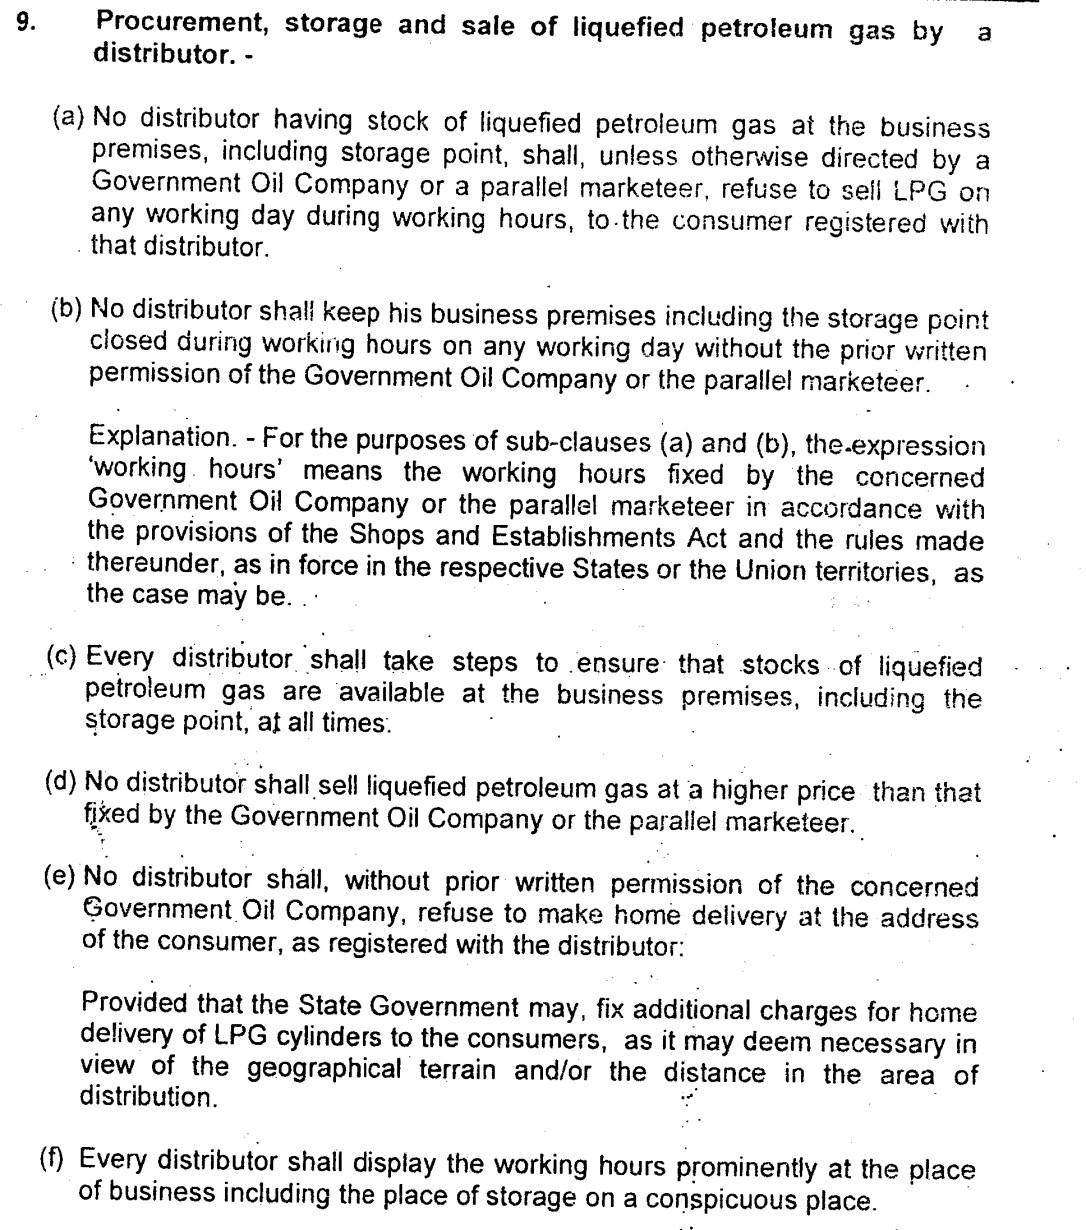 अत्यावश्यक वस्तु अधिनियम, १९५५ अंतर्गत केंद्र सरकारने जाहीर केलेला सन २००० मध्ये आदेश